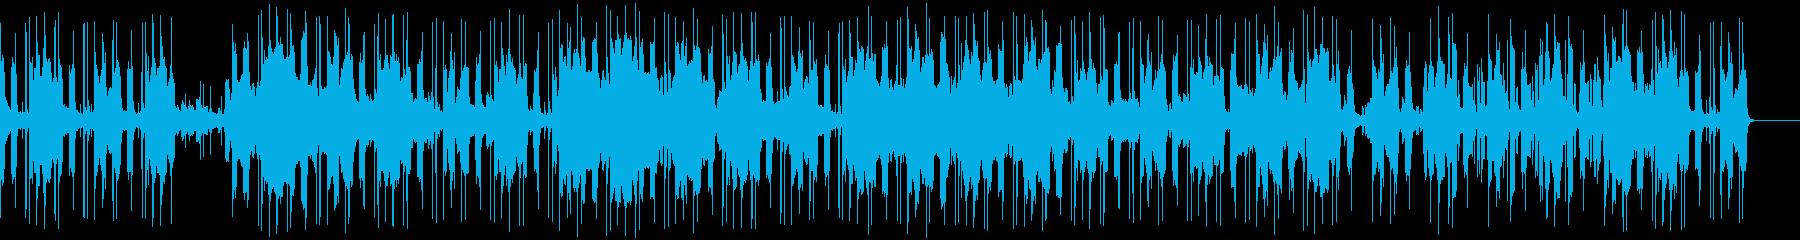 春の海の編曲の再生済みの波形